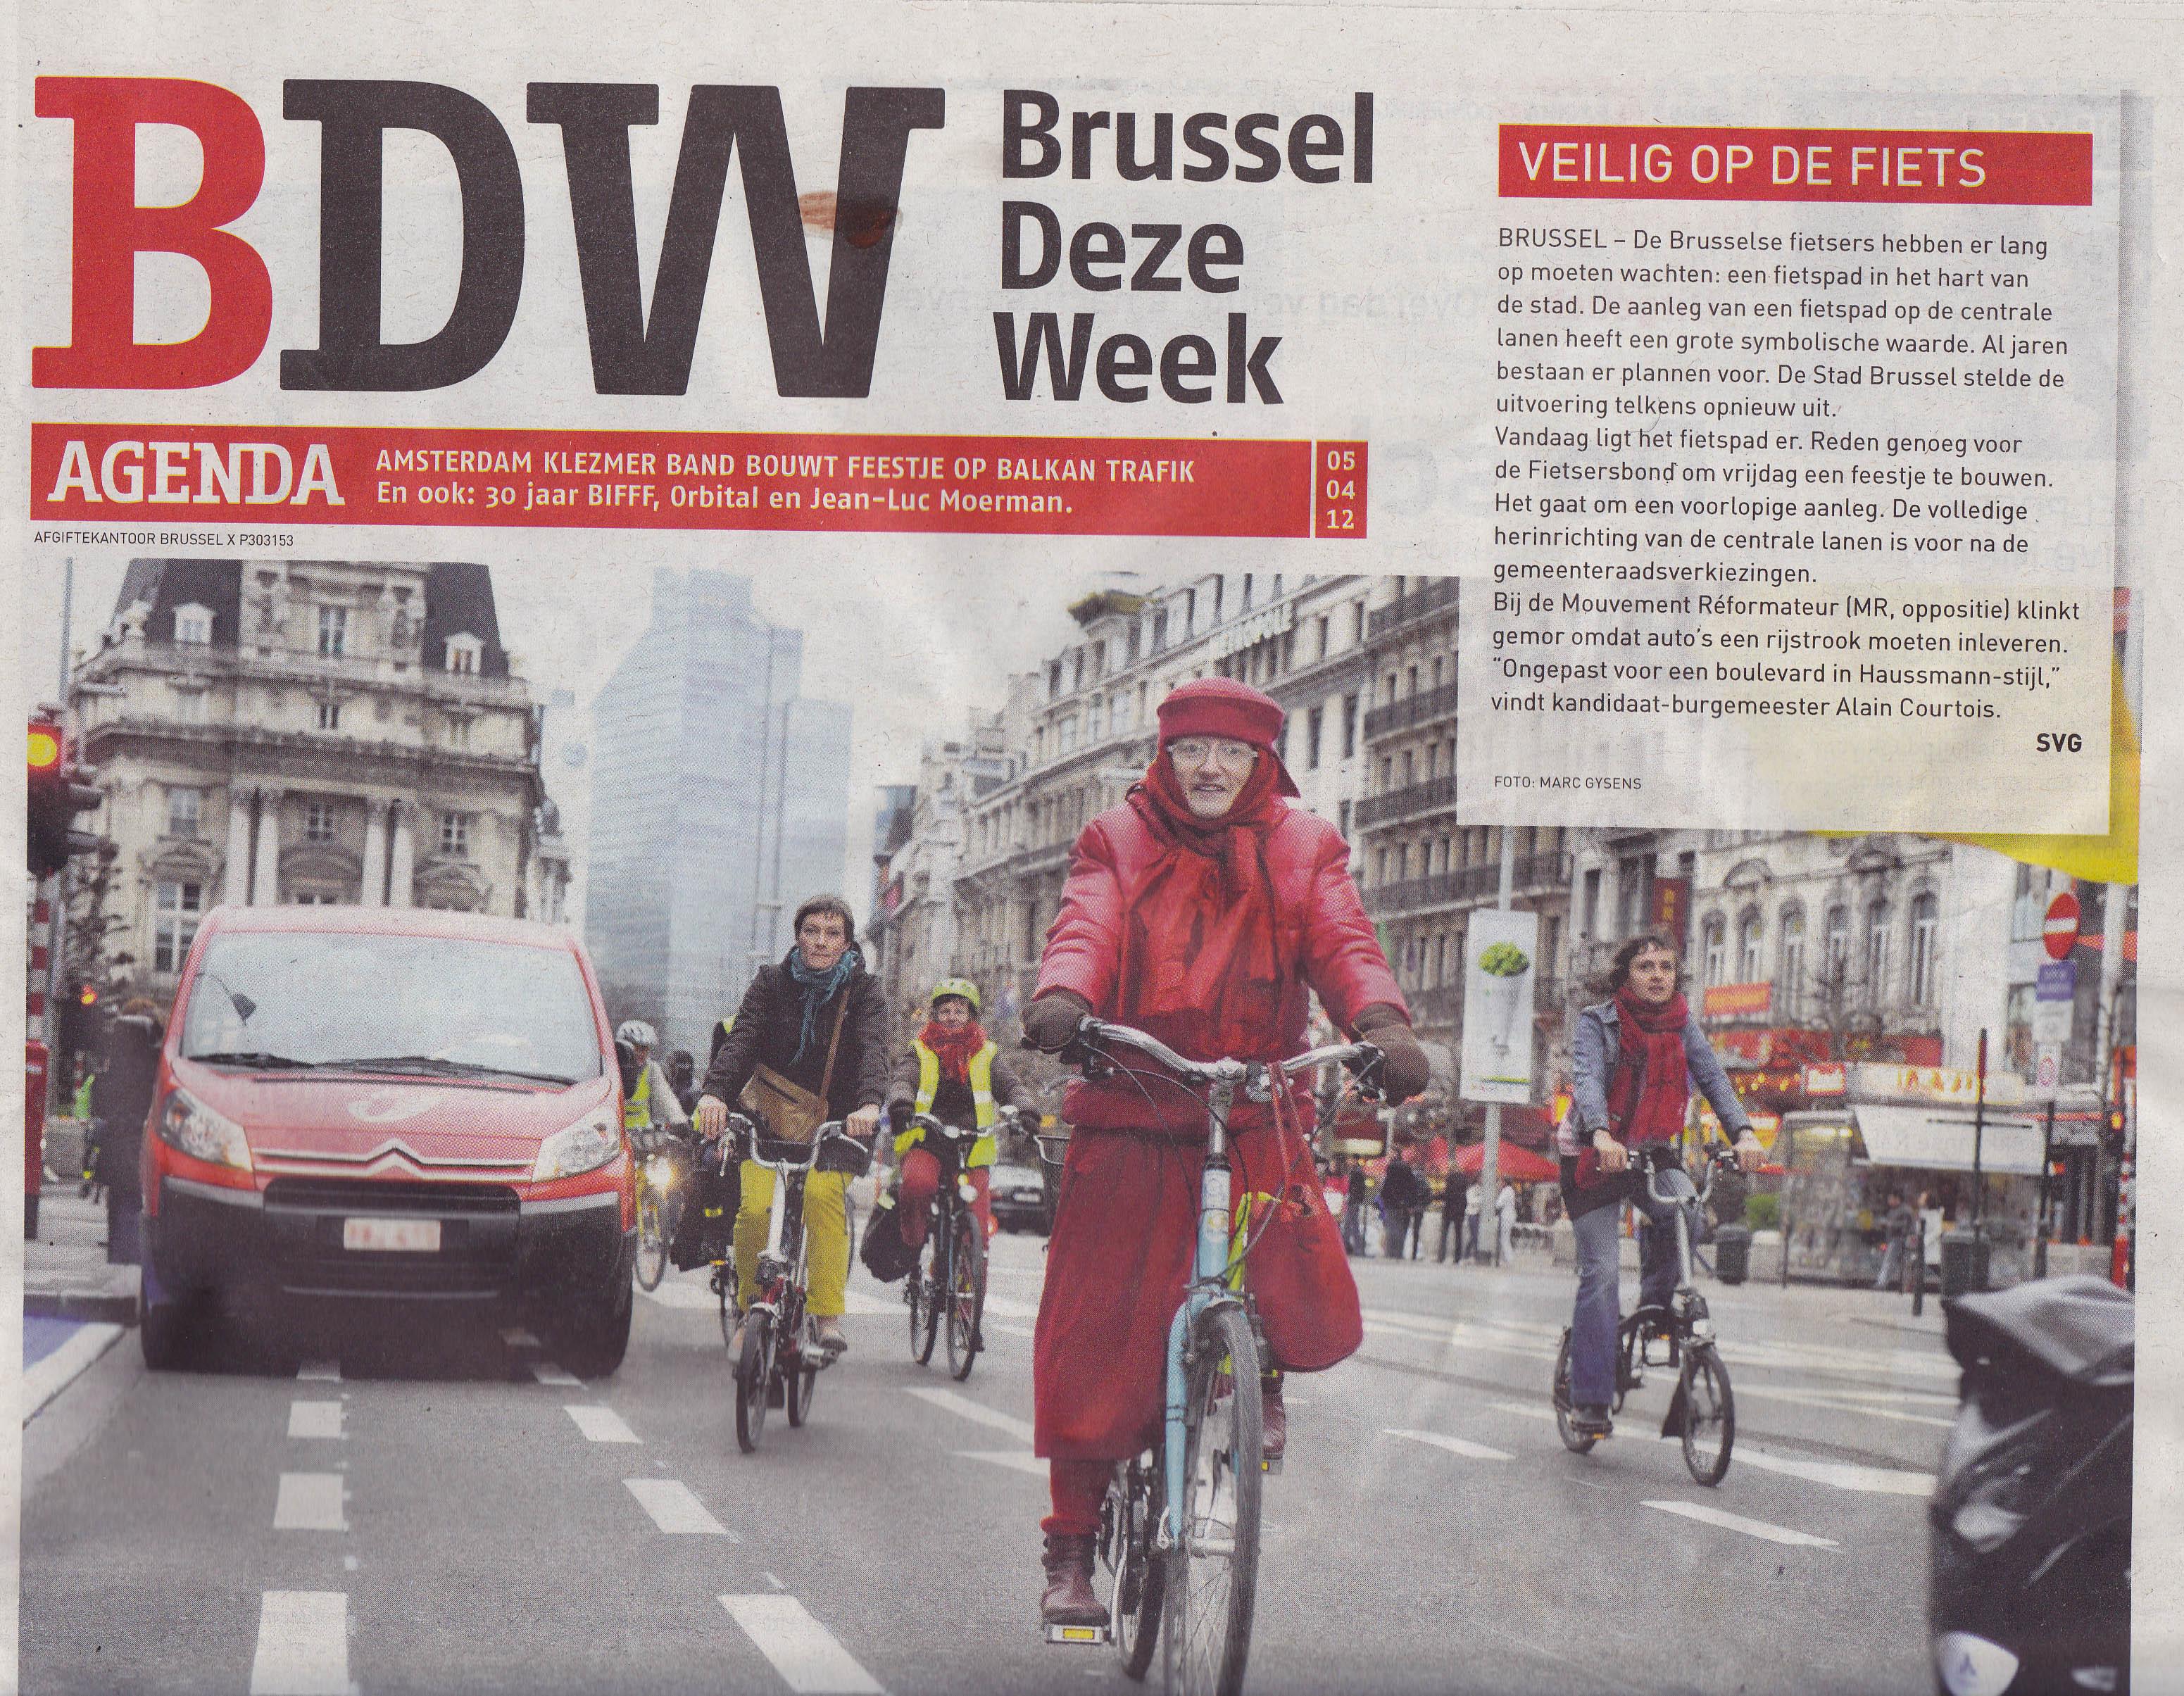 Une de Brussels Deze Week